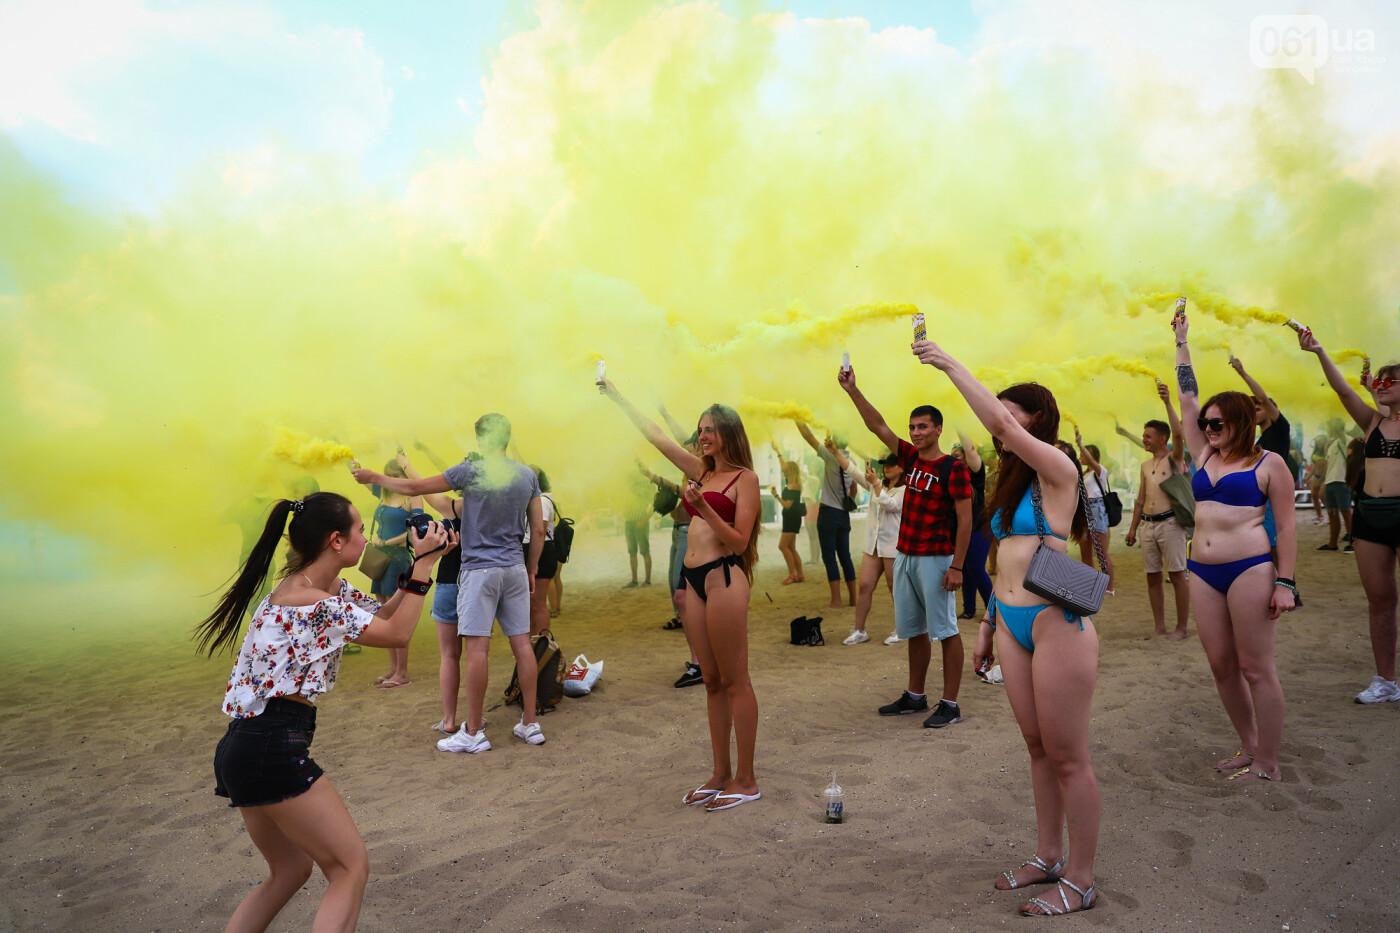 На пляже в Запорожье зажгли желто-синие дымовые шашки и установили рекорд Украины, - ФОТОРЕПОРТАЖ, фото-21